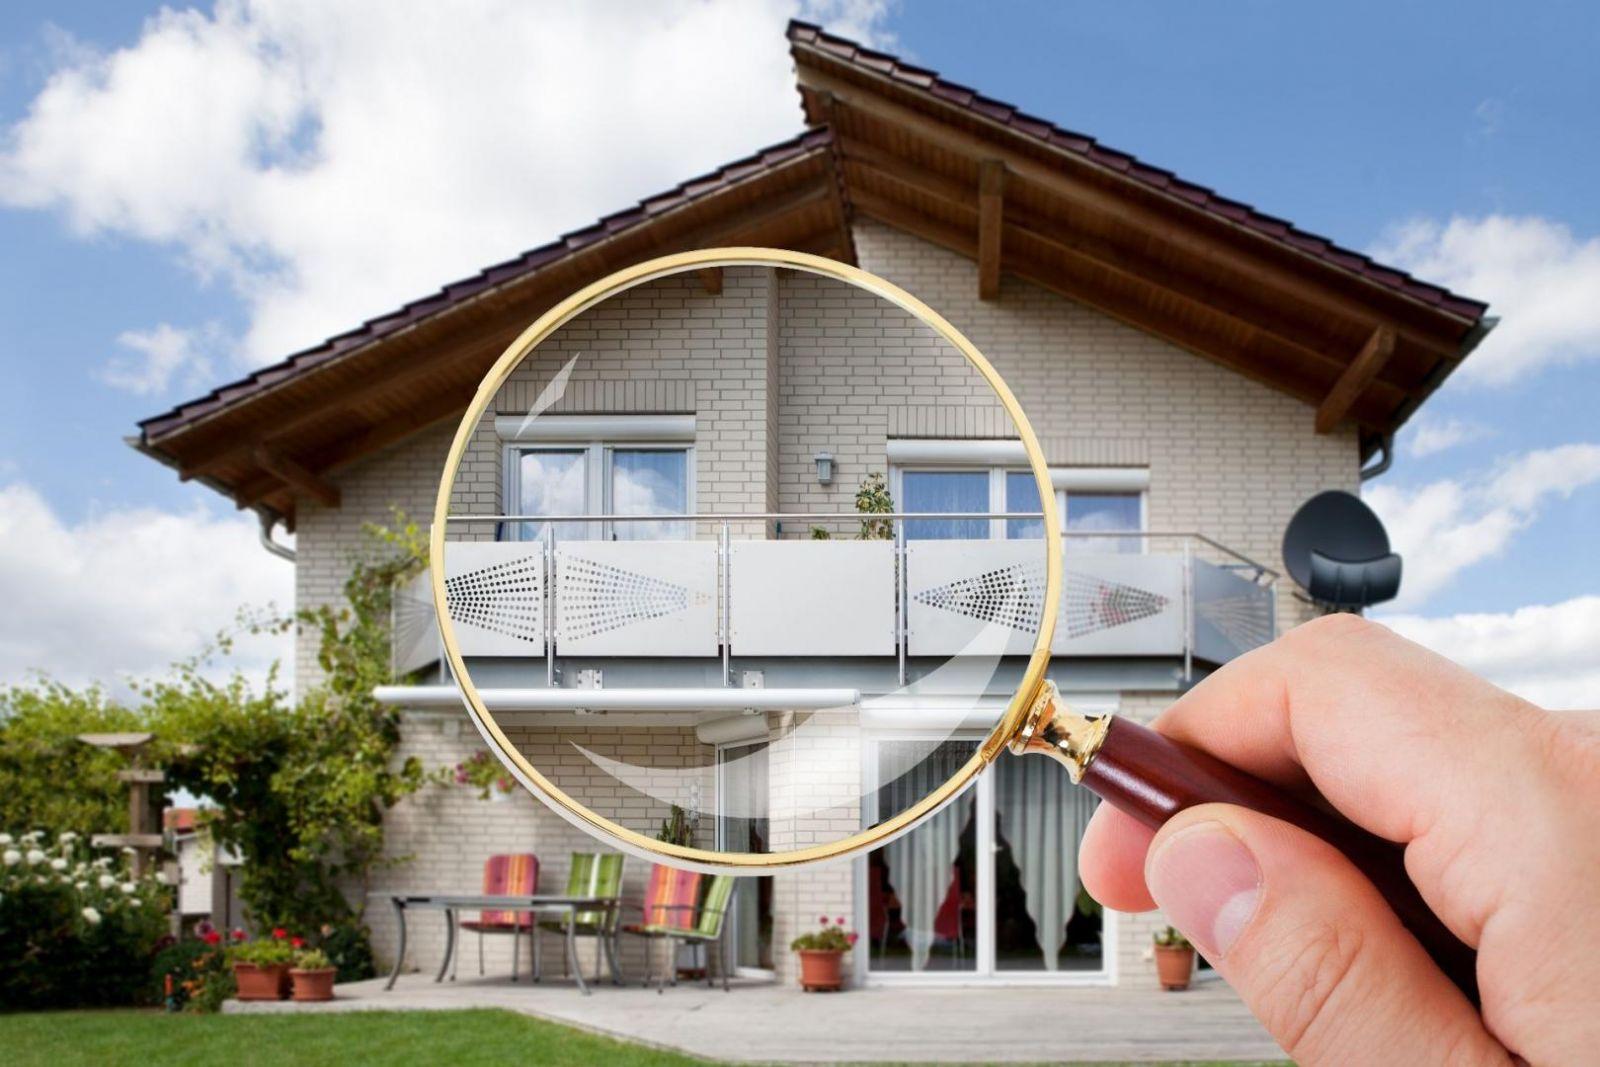 Comment évaluer les biens immobiliers ?